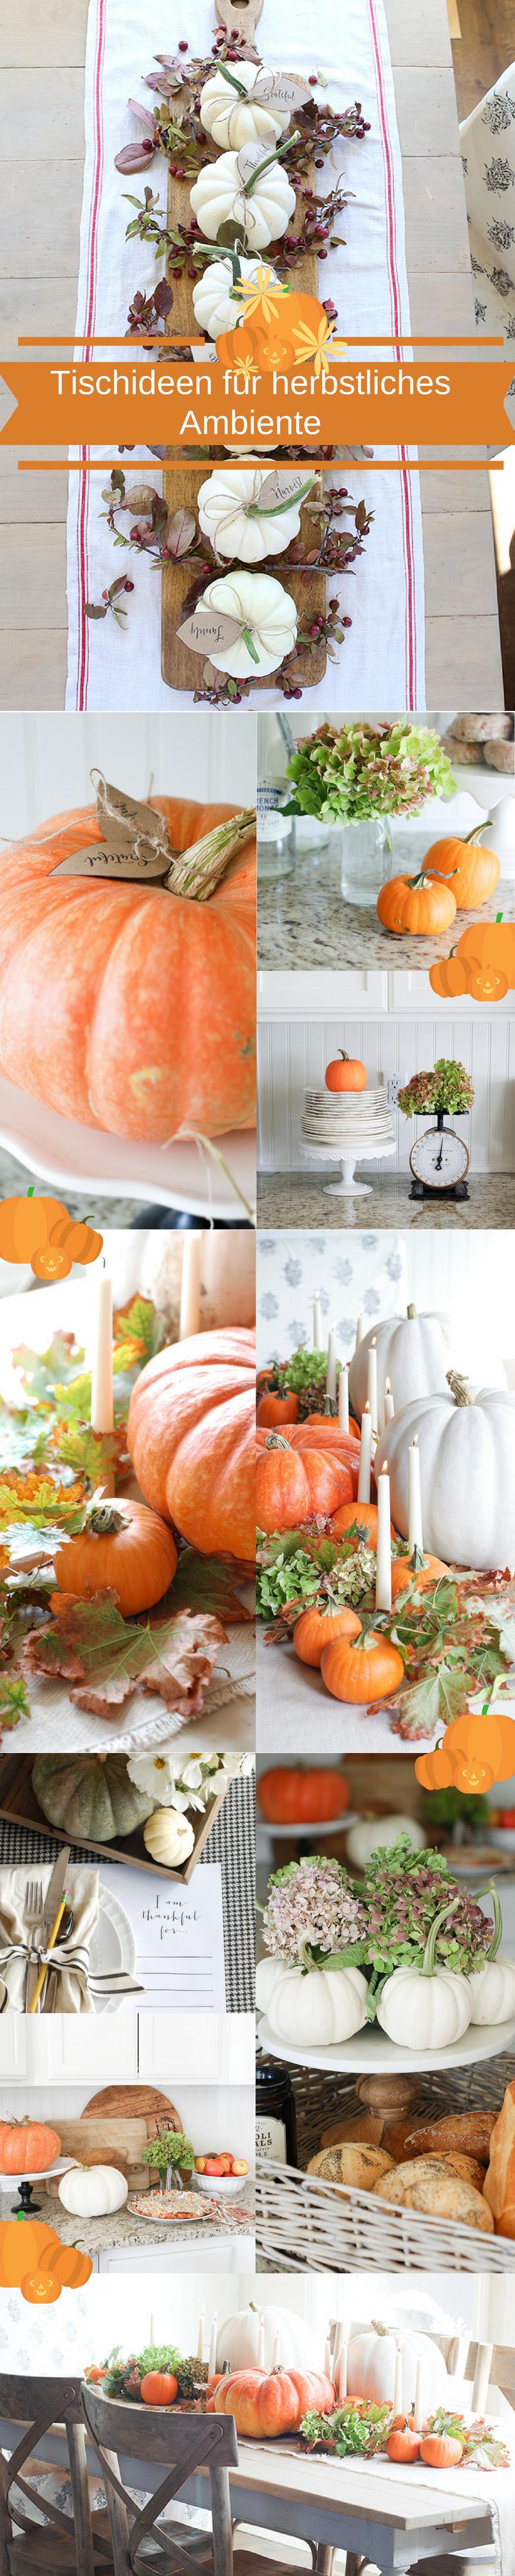 Herbstliche Tischideen und Ambiente: Wunderschöne Ideen für ein festliches Arrangement am Tisch